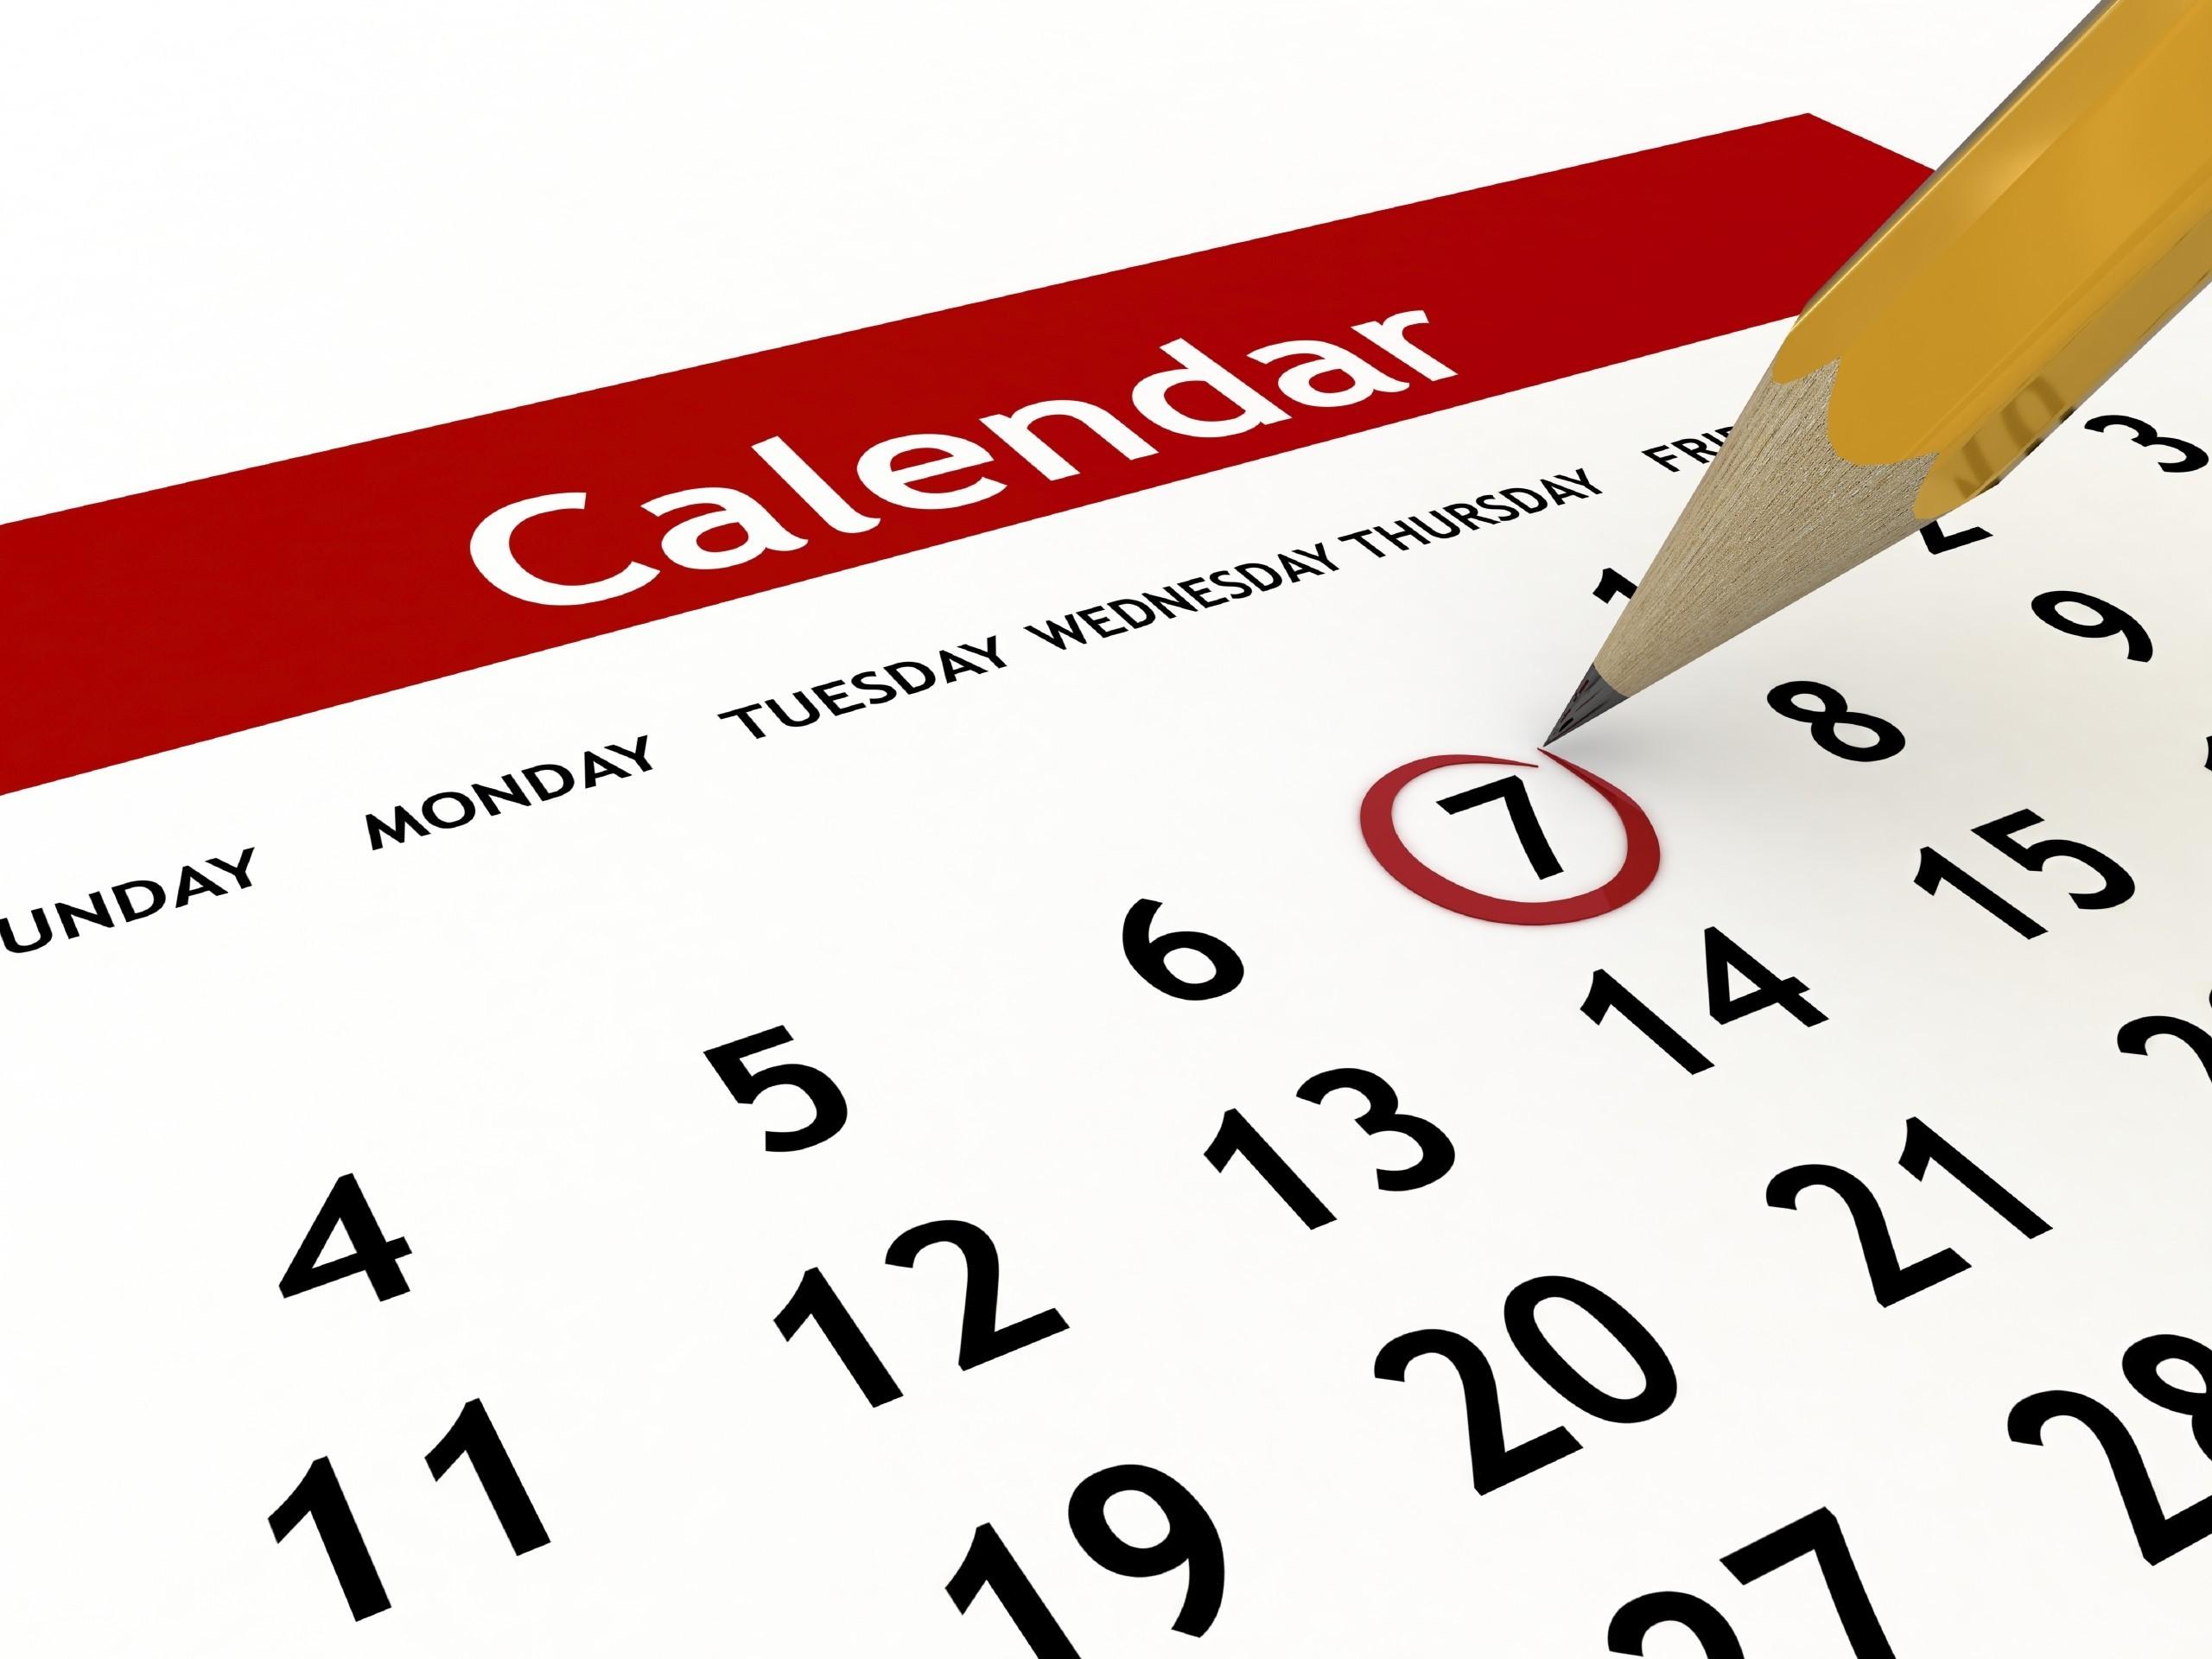 Semana Calendario.Calendarios Segunda Parte Semanas Y Horas Babilonicos Y Egipcios